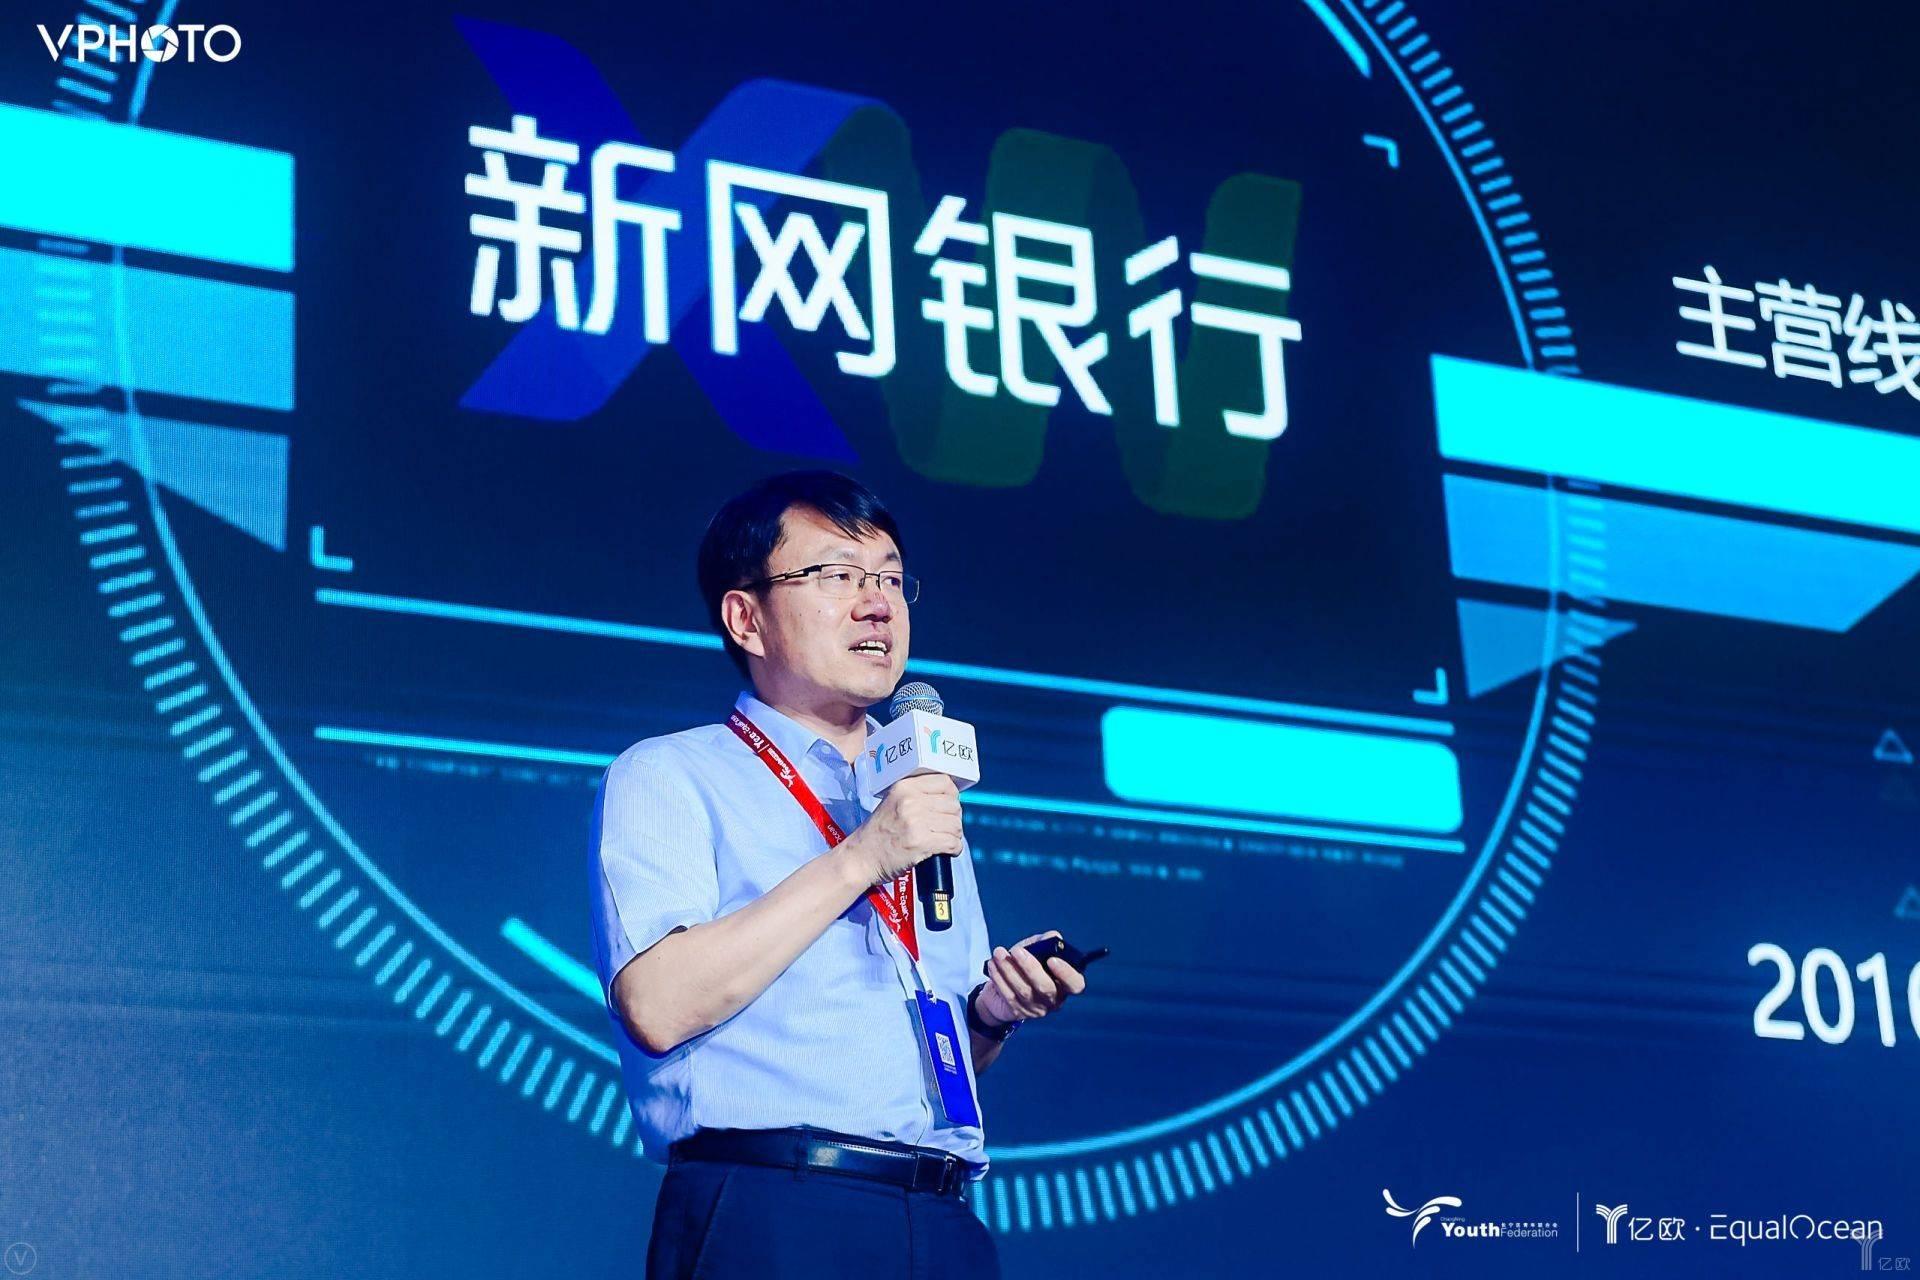 新网银行CIO李秀生:开放银行不是技术问题,而是整体战略问题